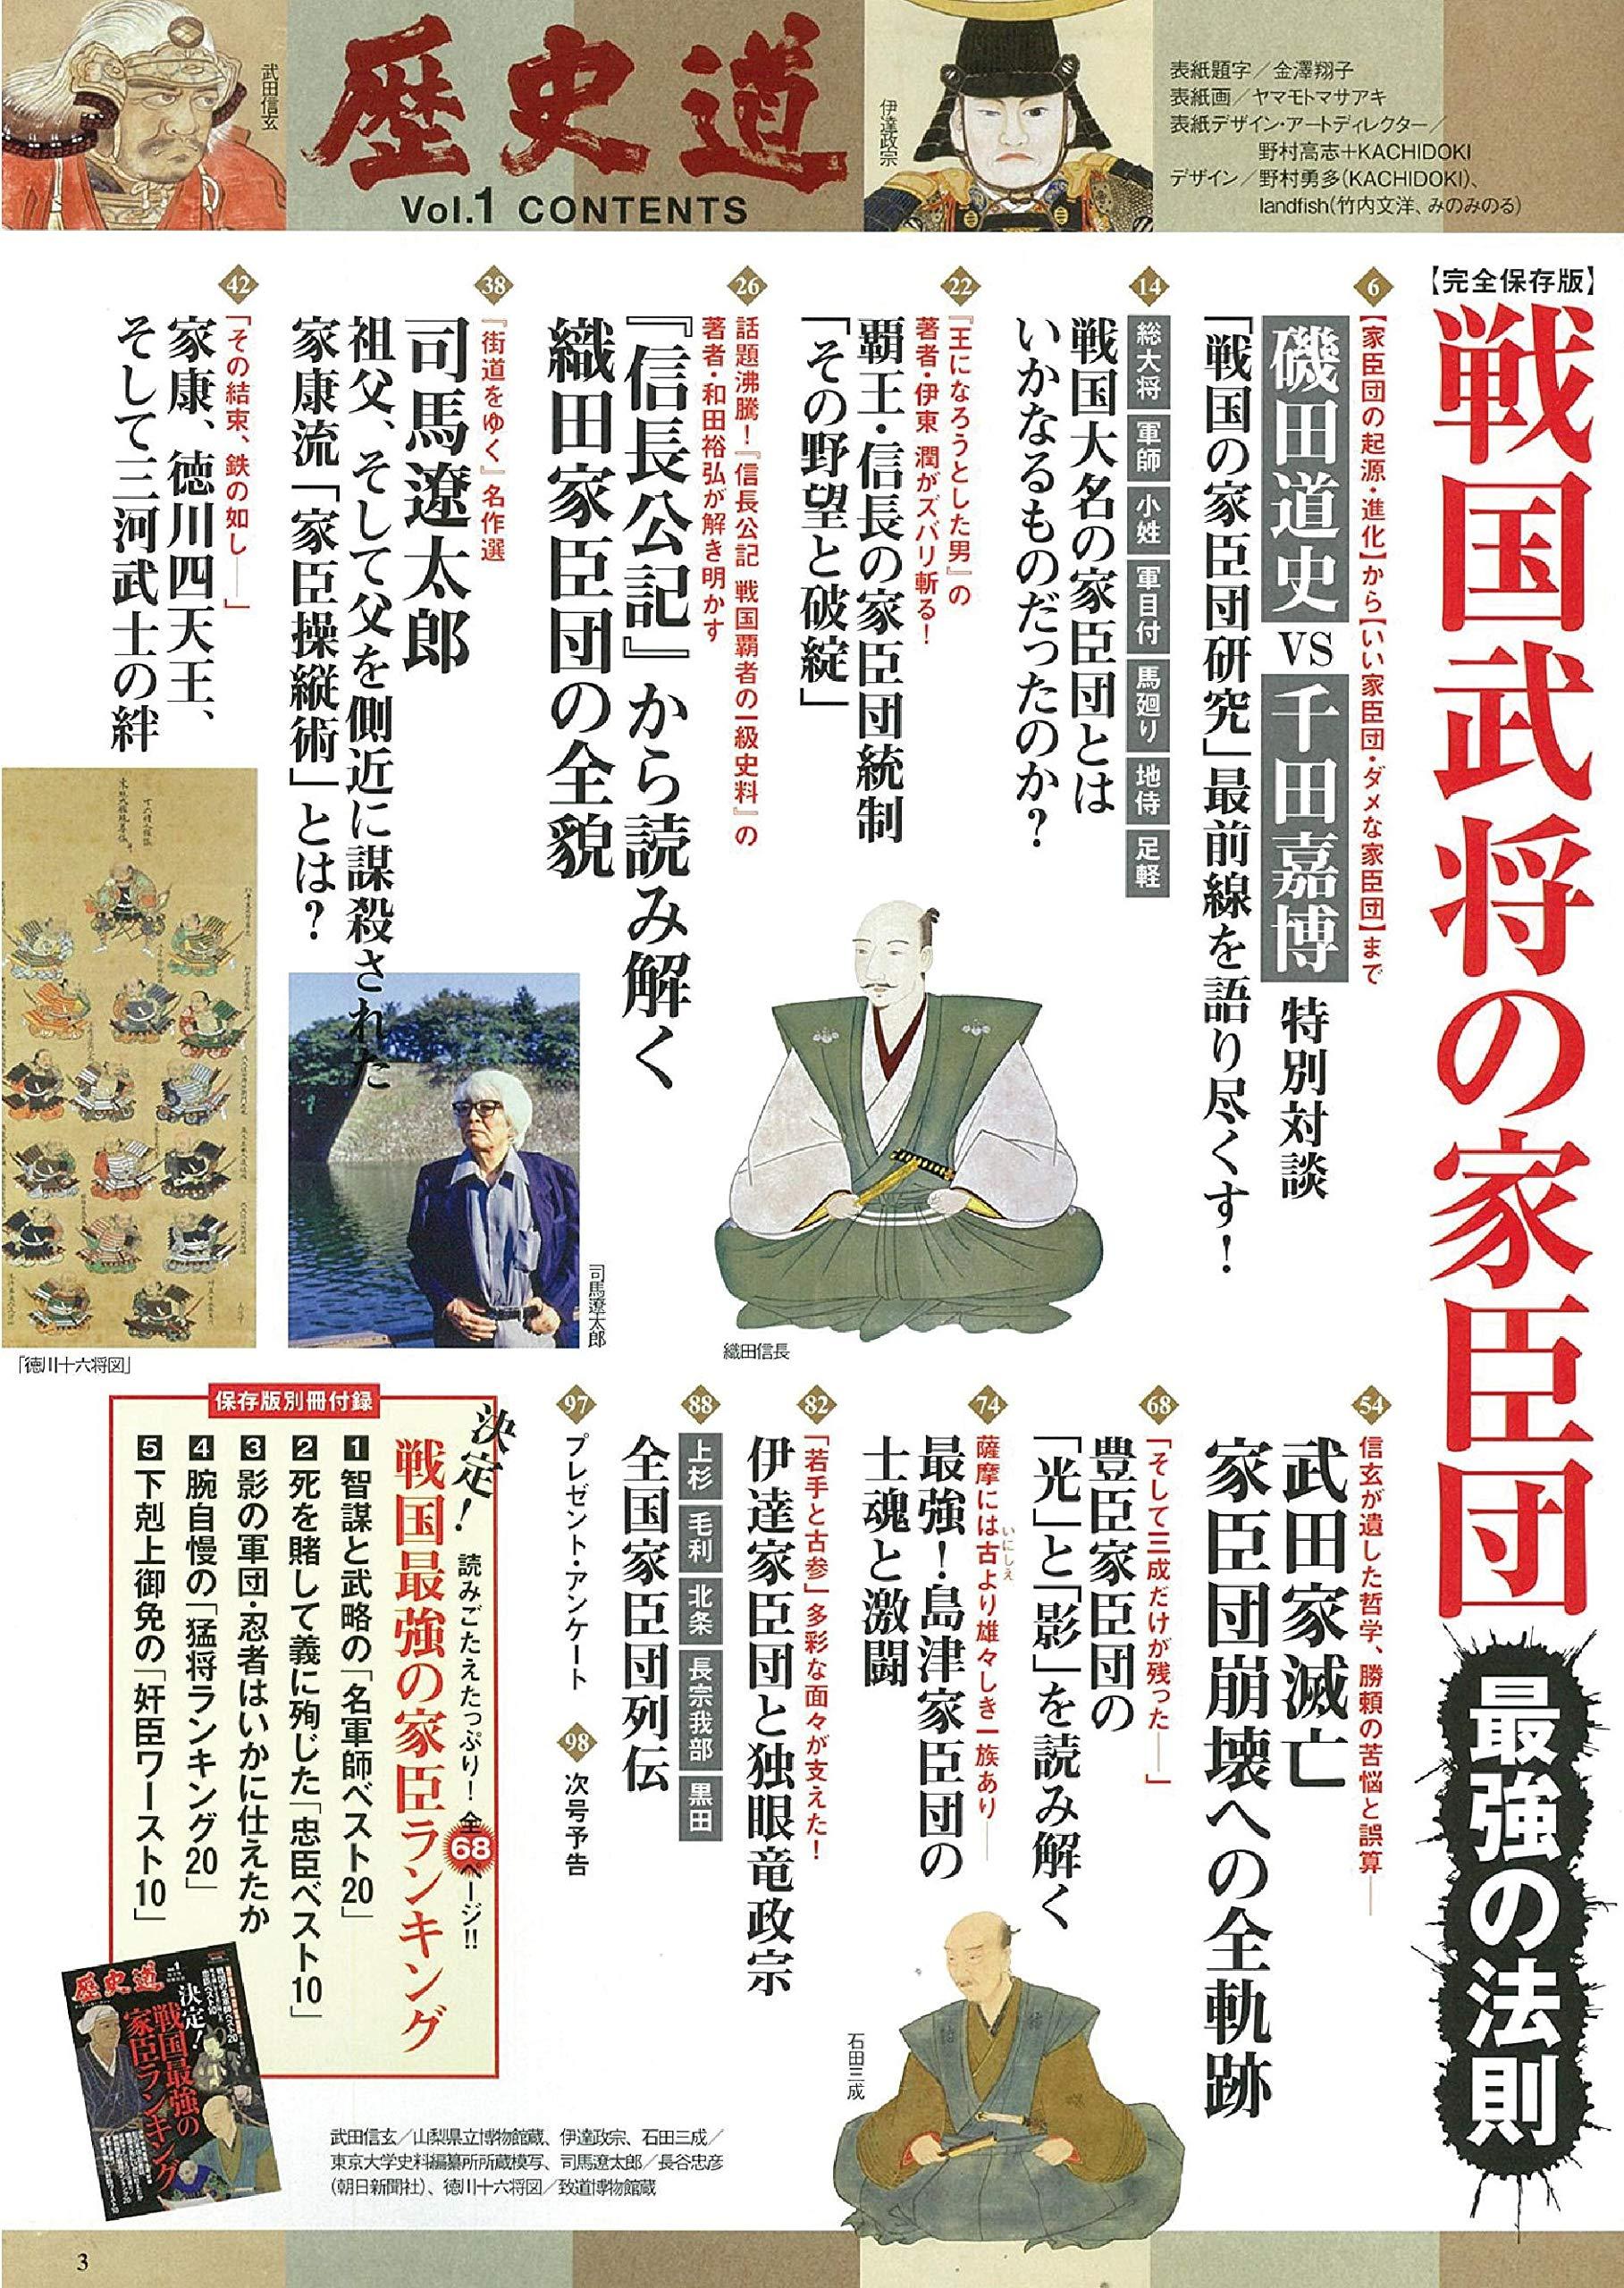 歴史道 Vol 1 週刊朝日ムック 朝日新聞出版 本 通販 Amazon